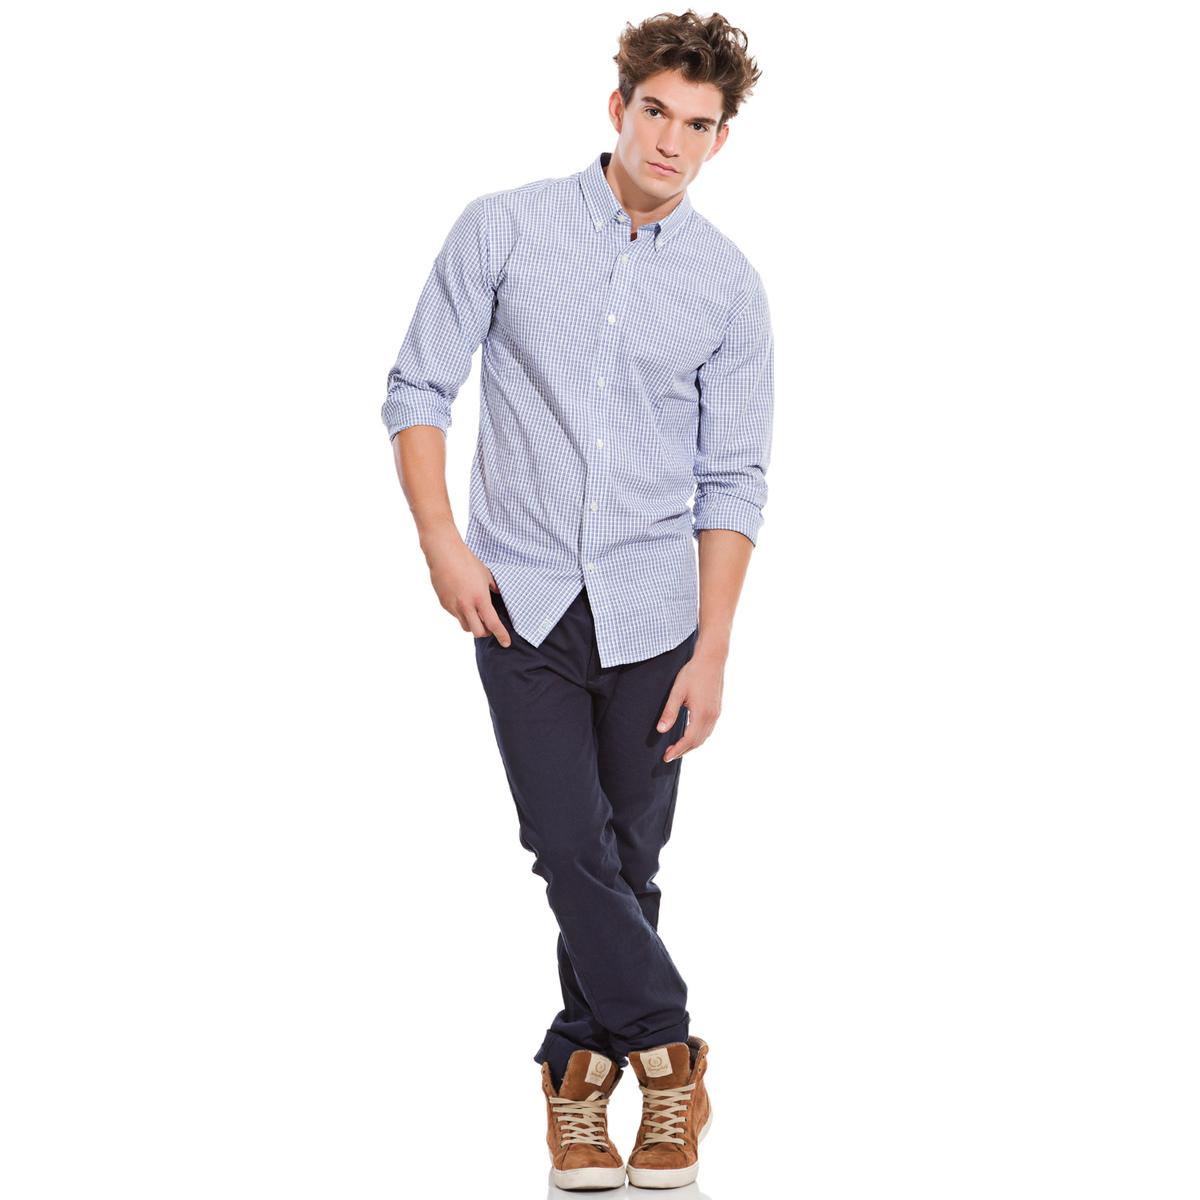 Mode homme : tous mes conseils du moment pour rester tendance